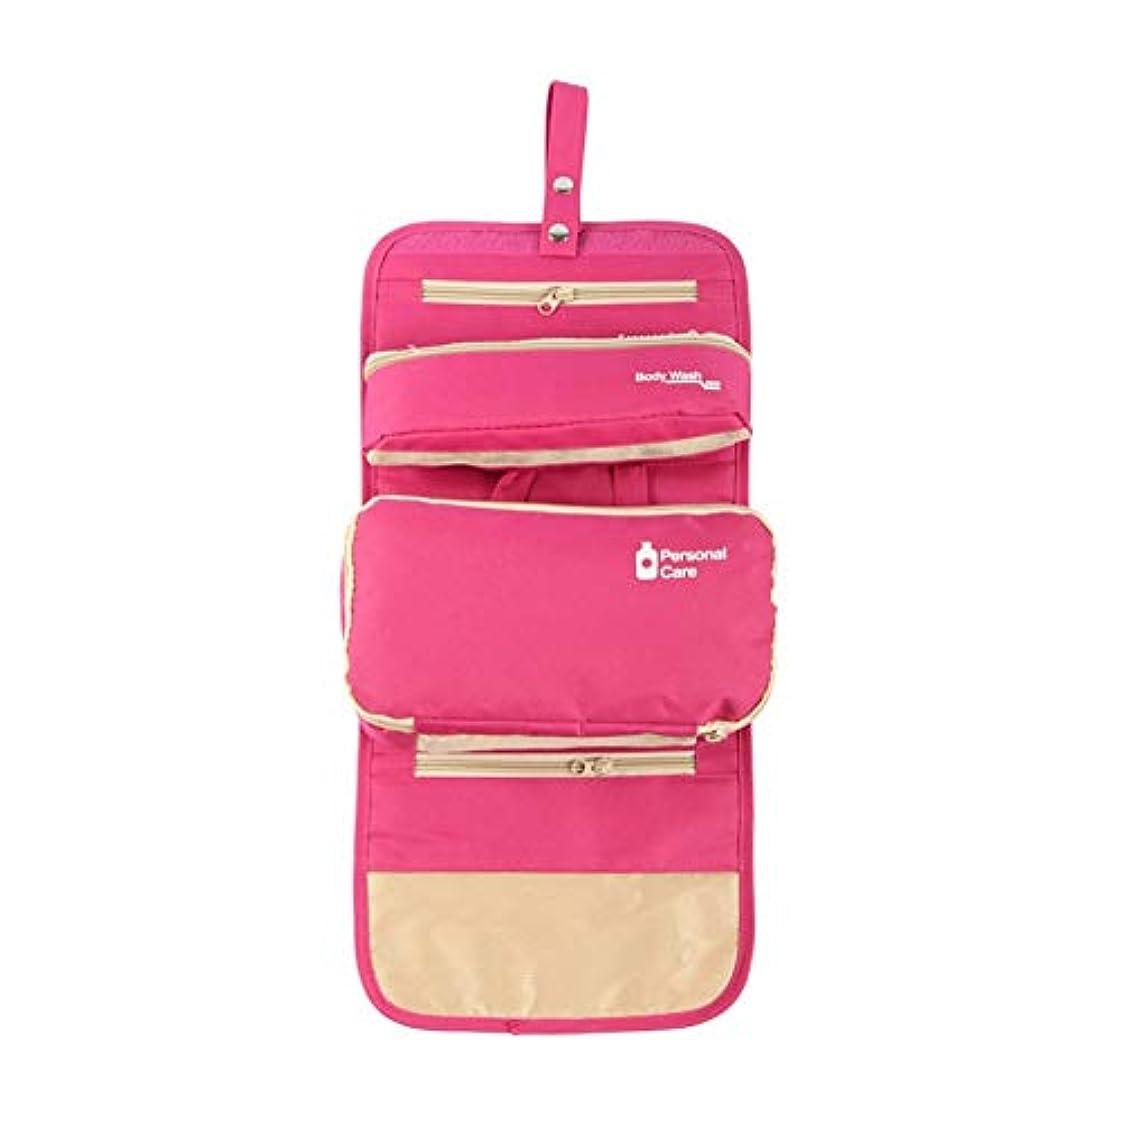 ペレット風イヤホン特大スペース収納ビューティーボックス 女の子の女性旅行のための新しく、実用的な携帯用化粧箱およびロックおよび皿が付いている毎日の貯蔵 化粧品化粧台 (色 : ピンク)